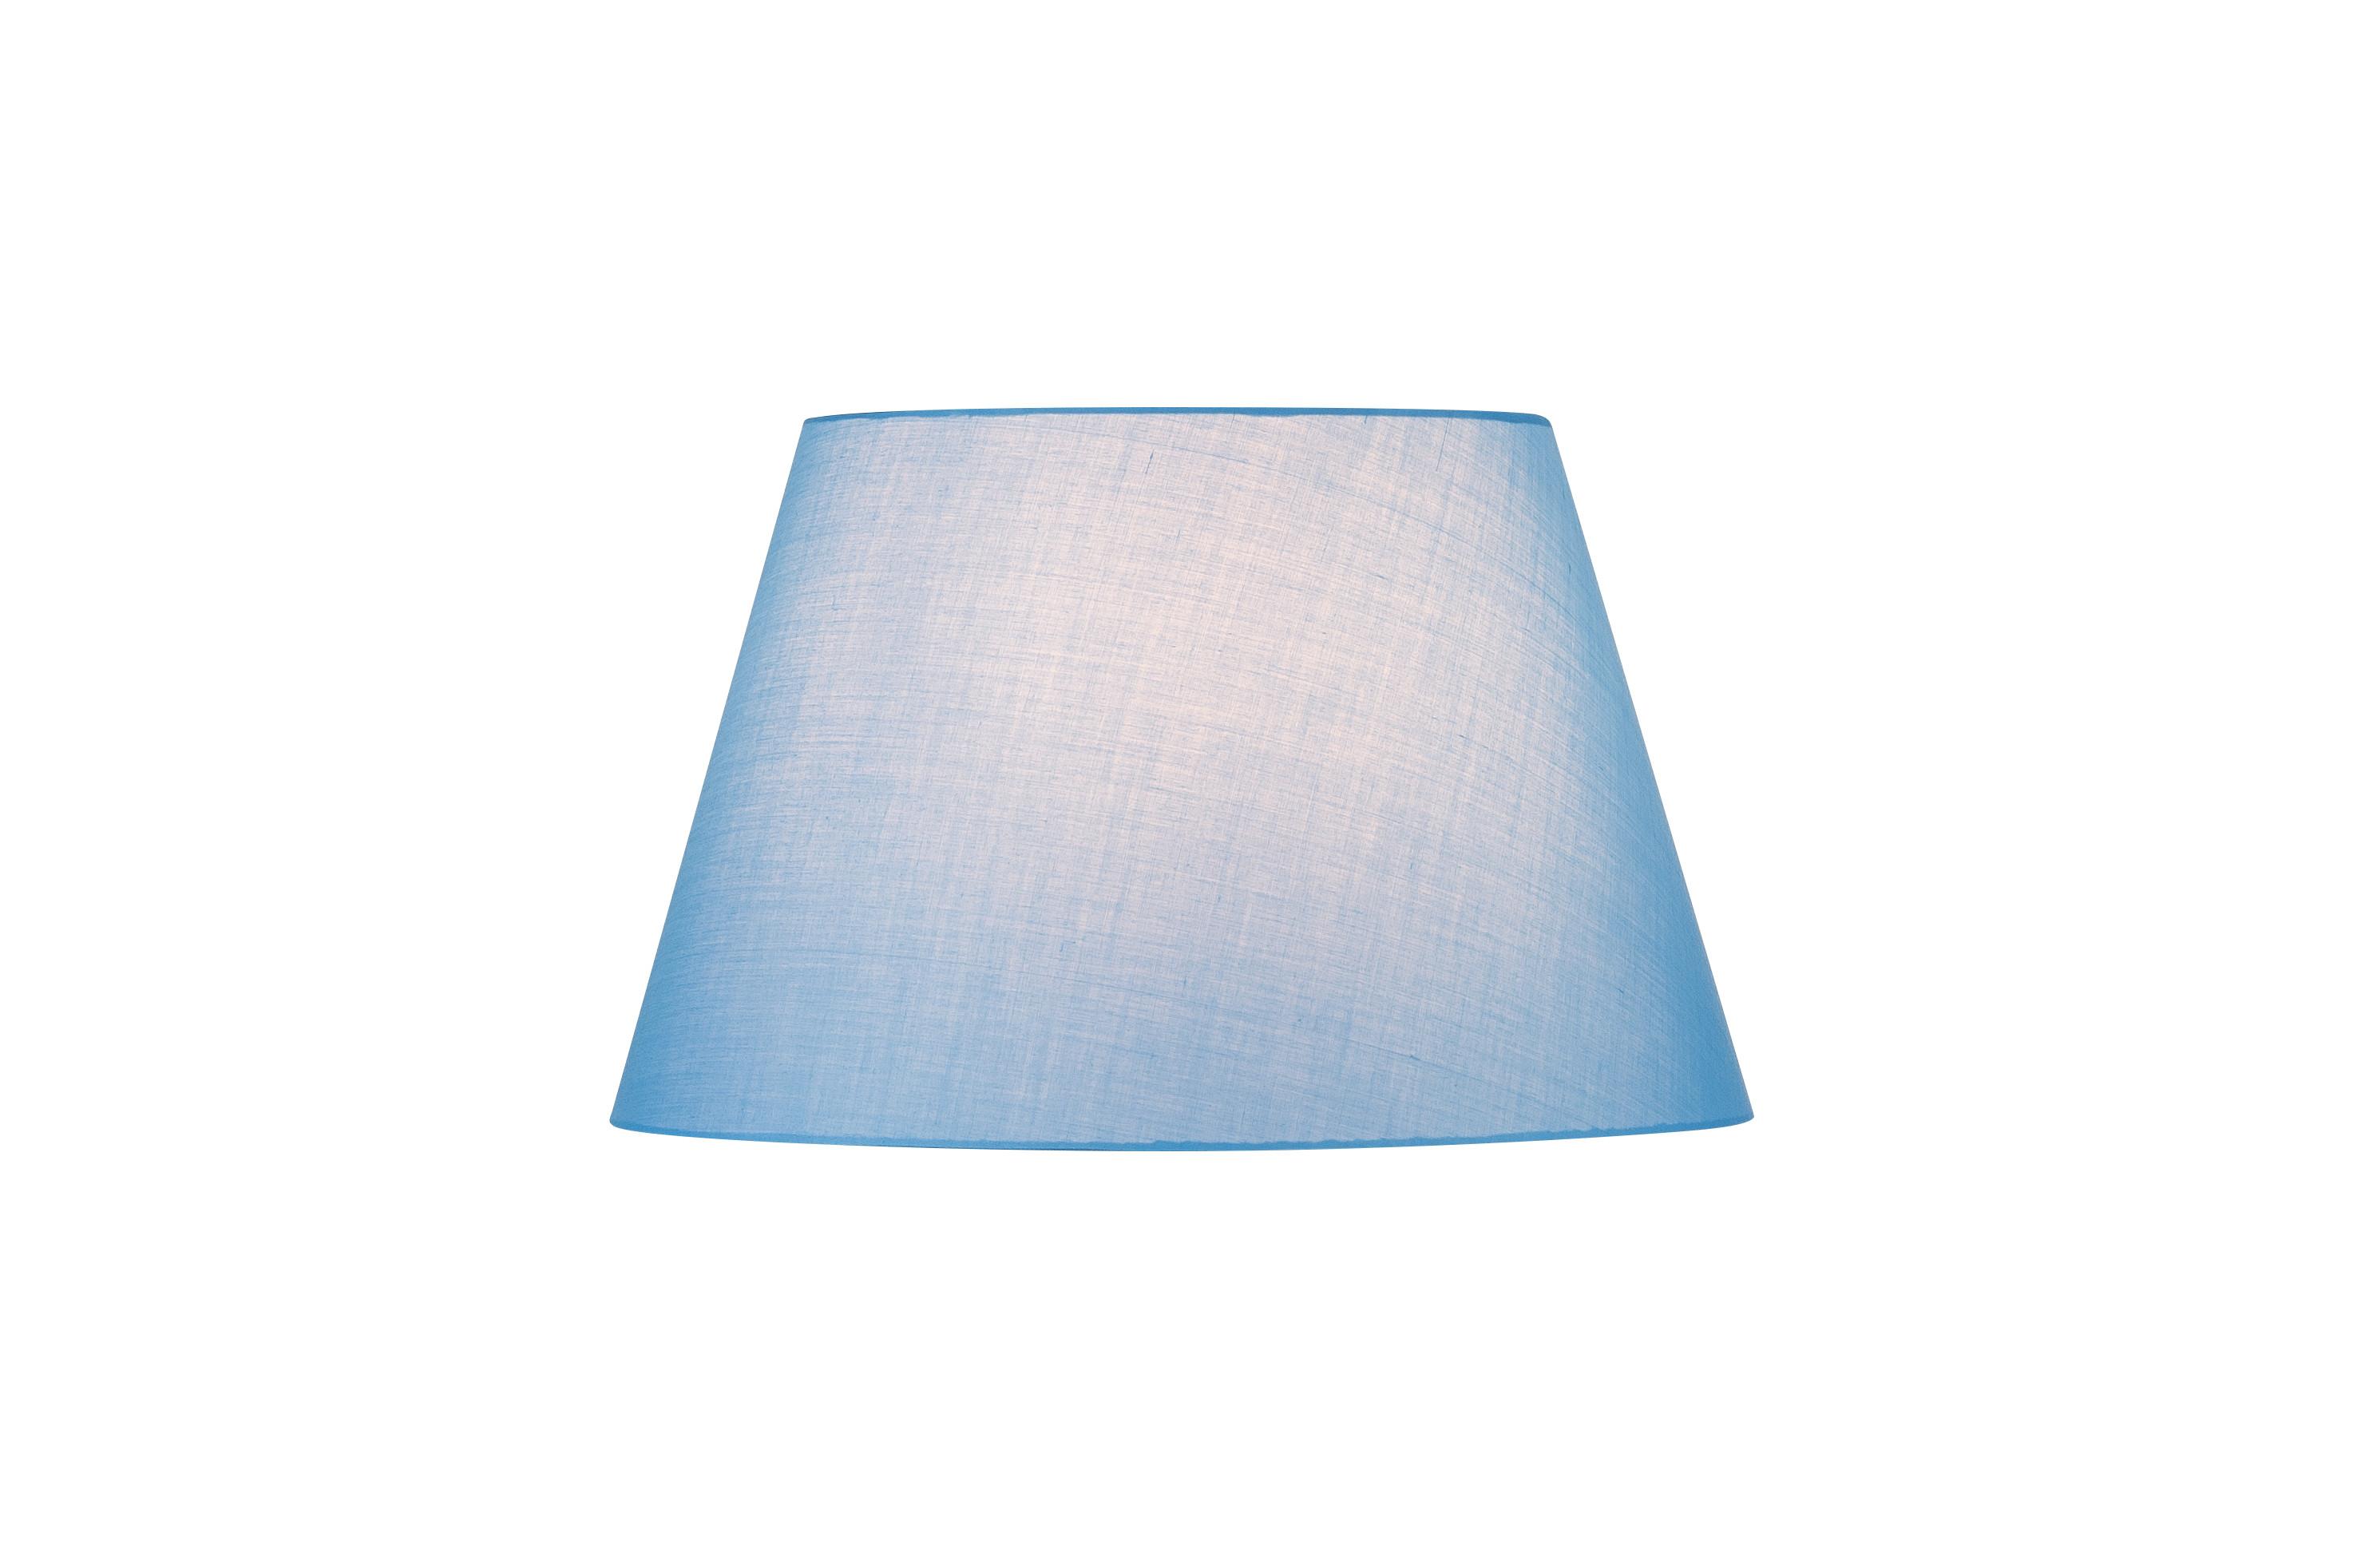 1 Stk FENDA, Leuchtenschirm, konisch, blau, Ø/H 45,5/28 cm LI156187--